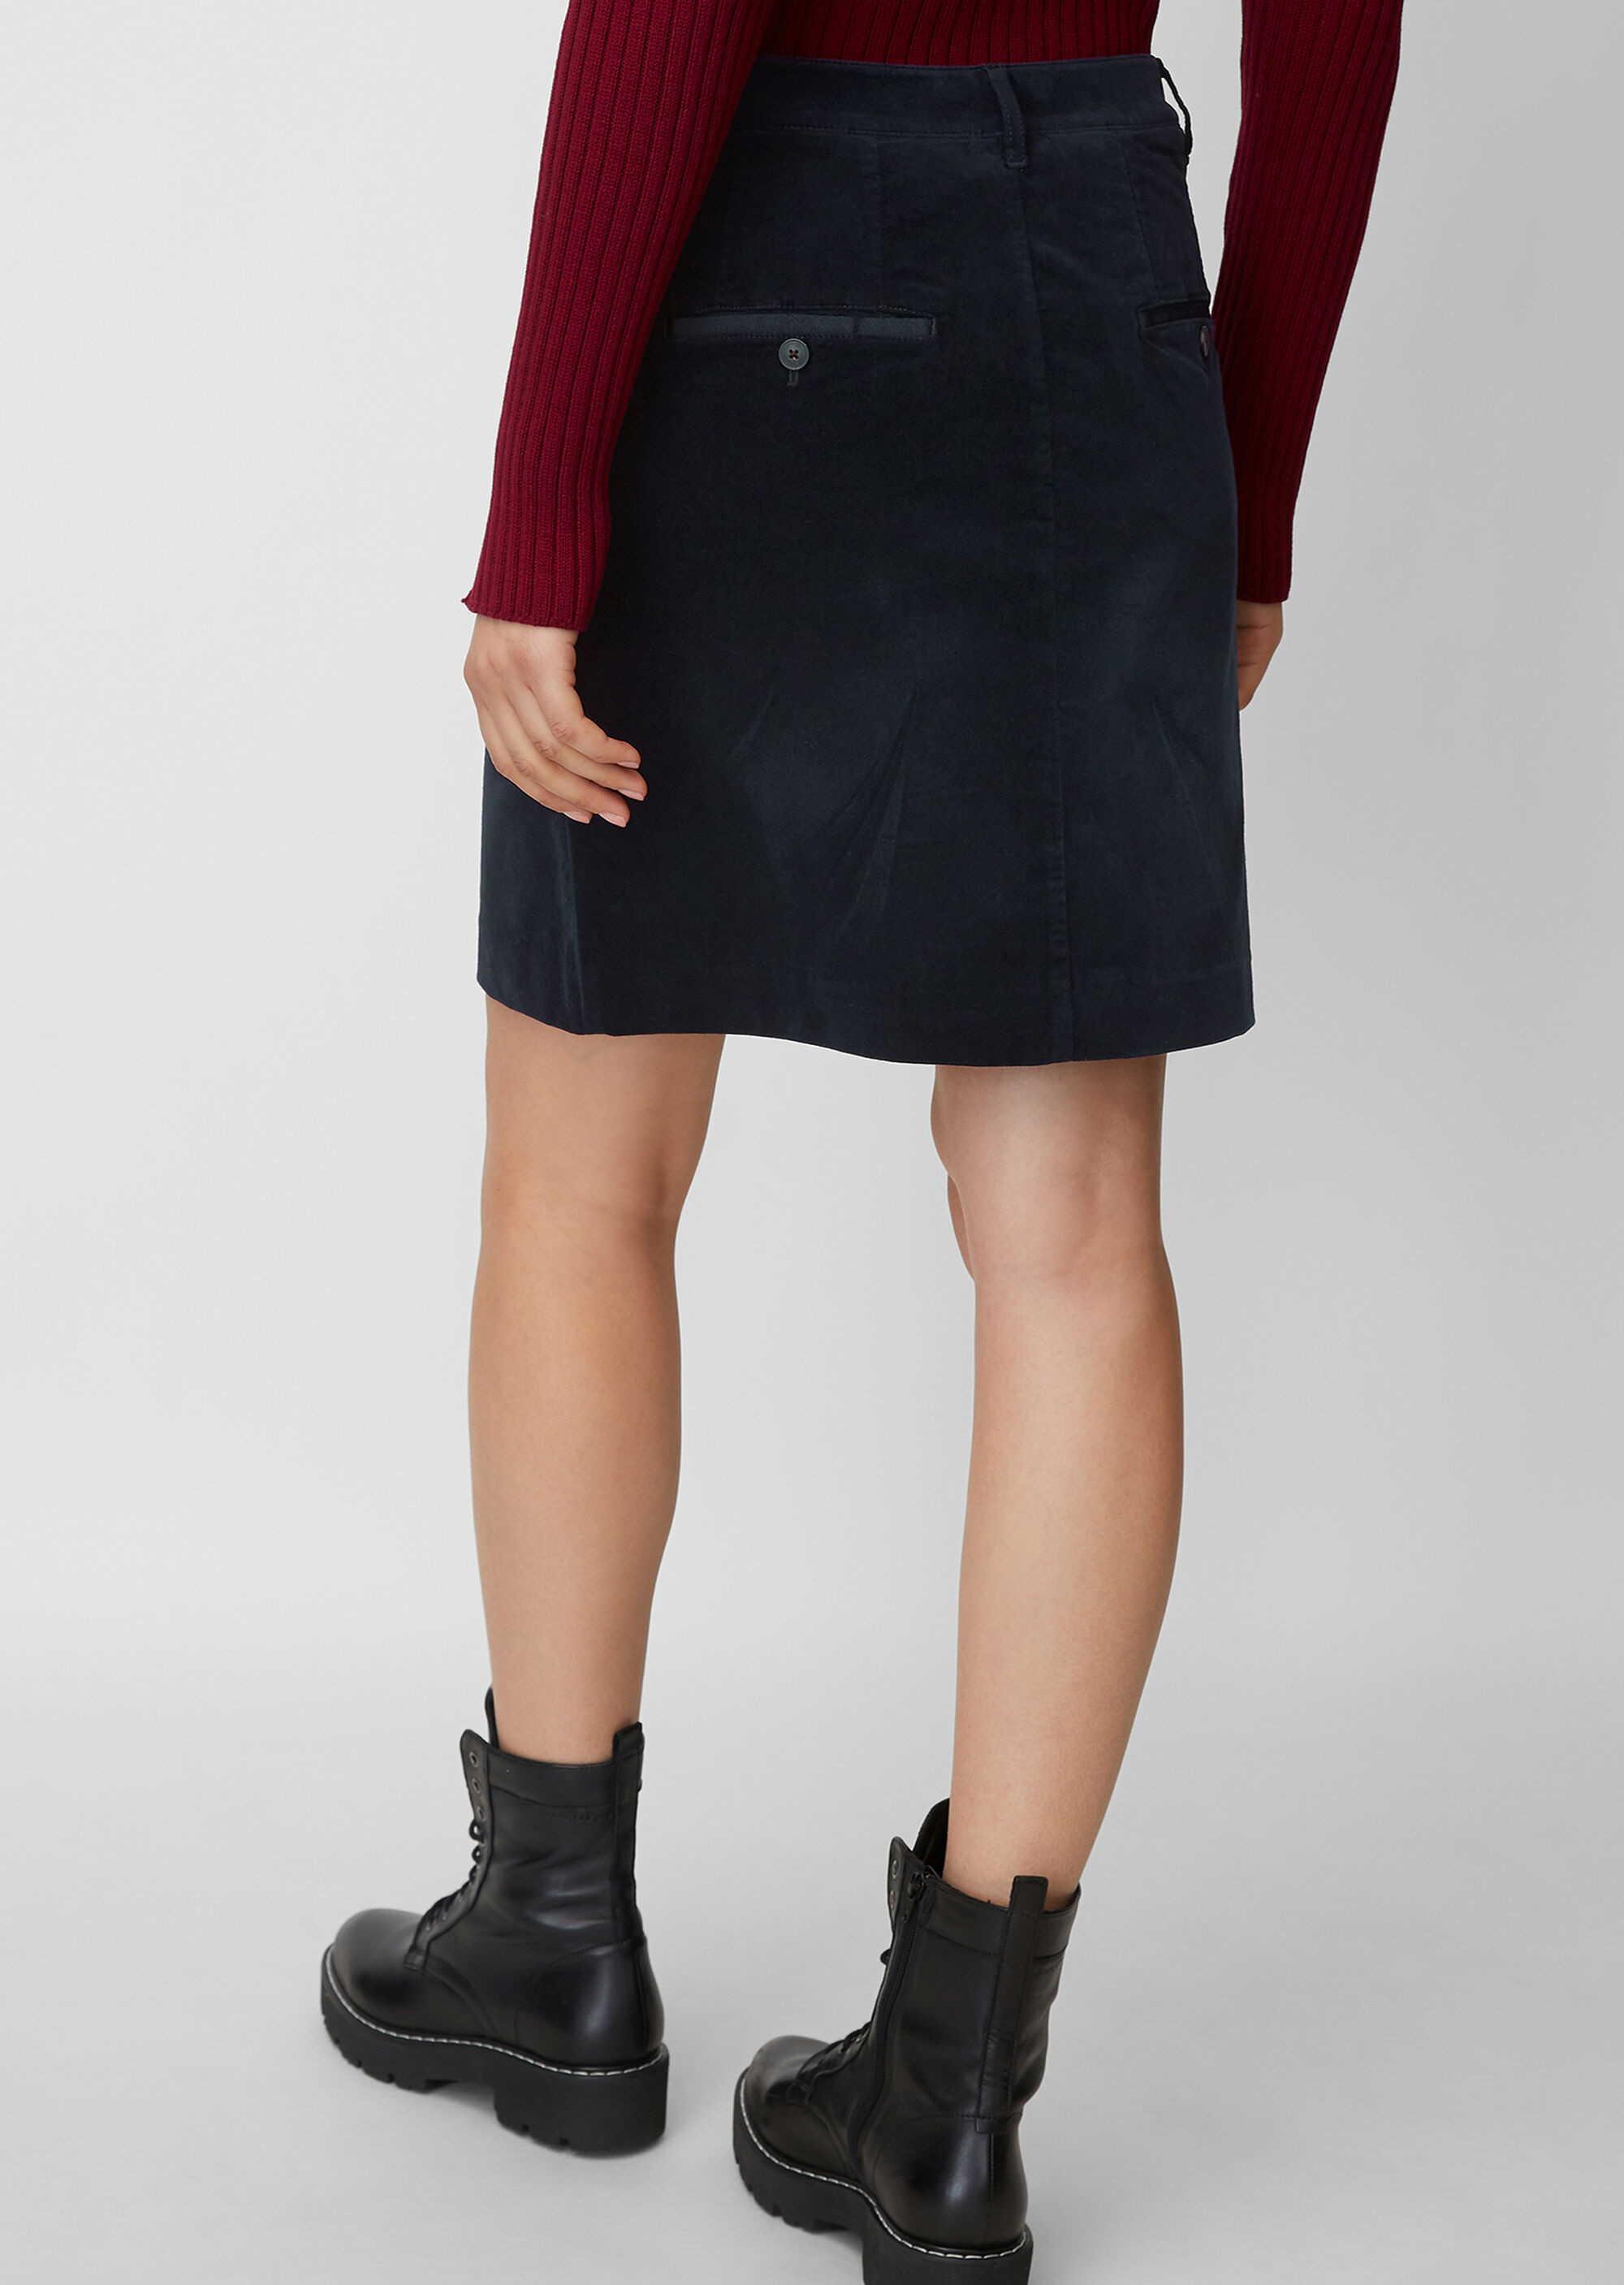 Marc O'Polo A-Linien Röcke in dunkel-blau günstig kaufen